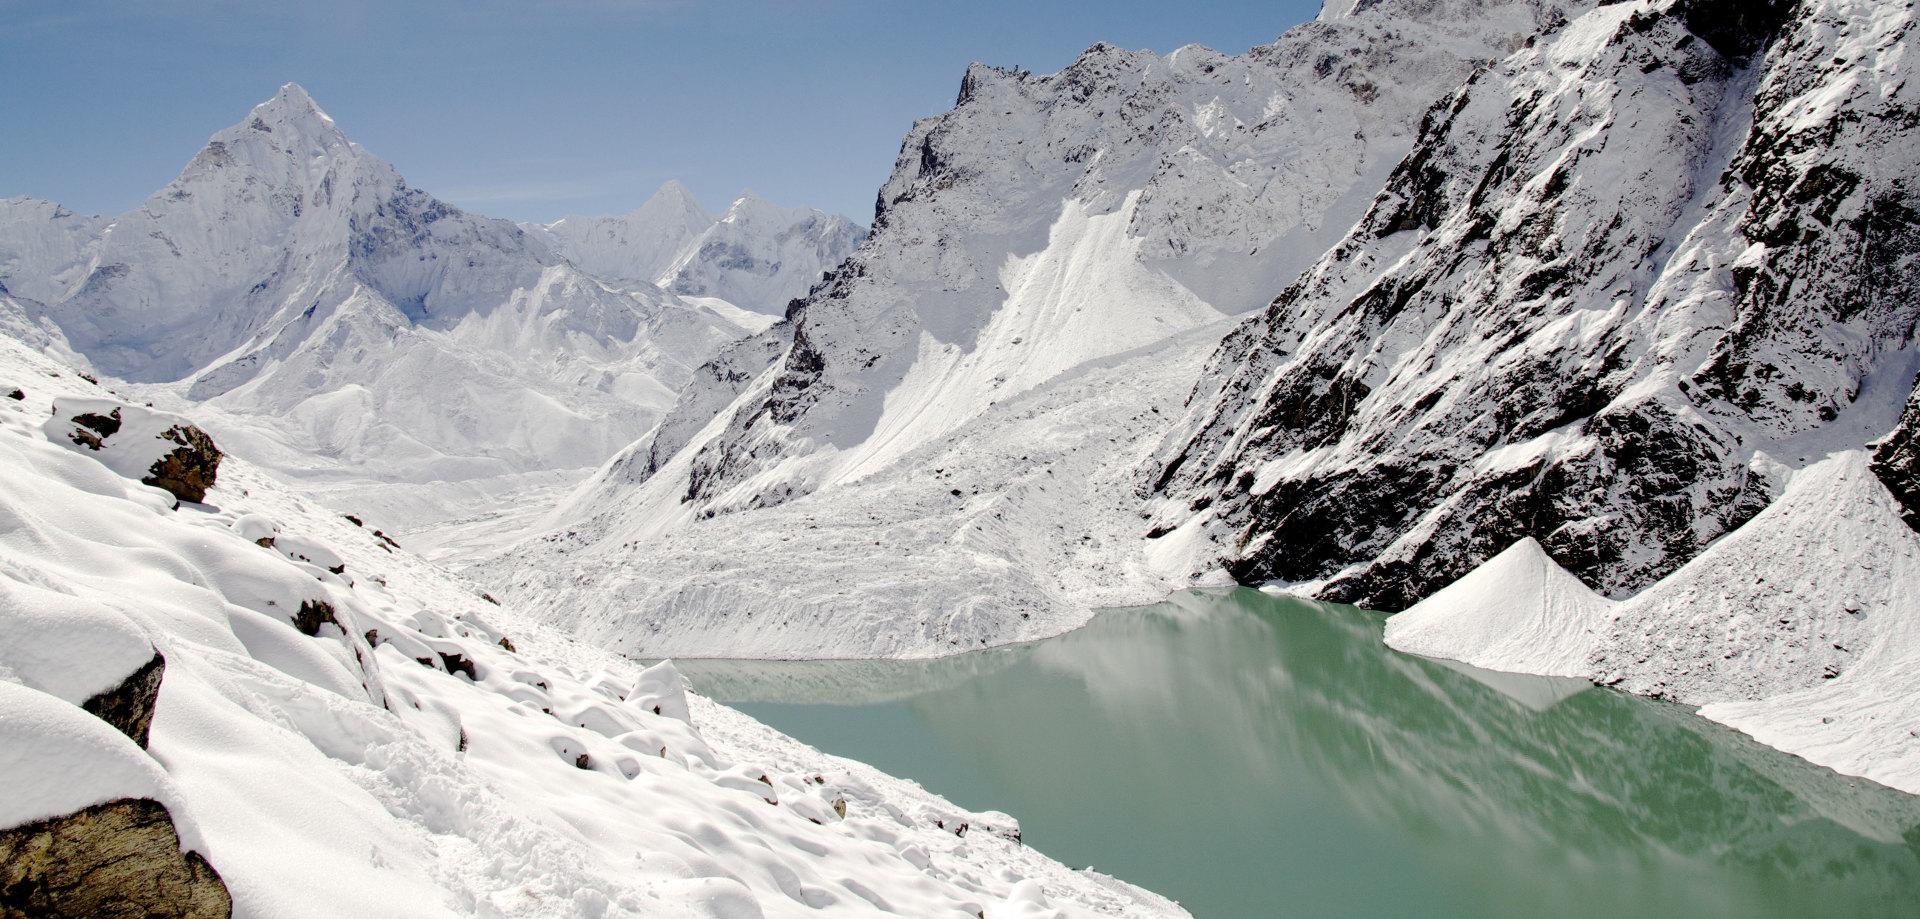 Gletscher_unsplash